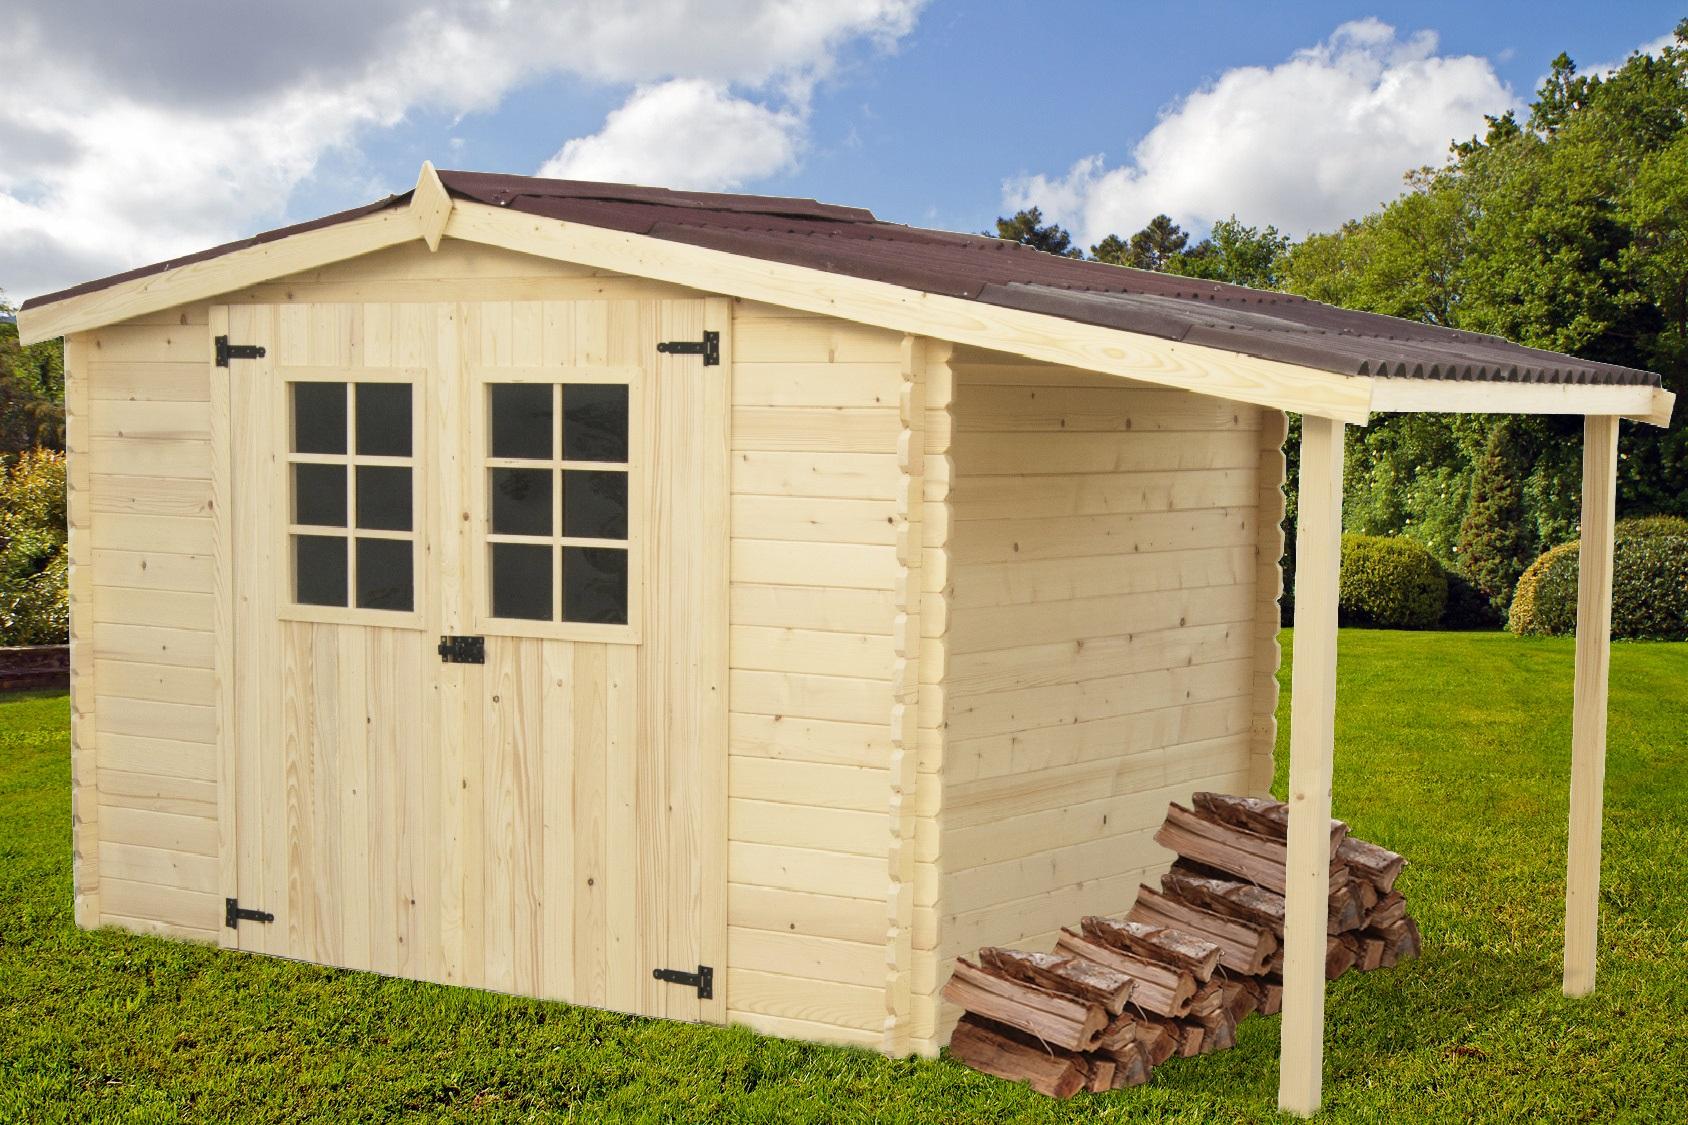 Abri Jardin Bois Montana Bucher 4,15X2,04M destiné Abri De Jardin En Bois 5M2